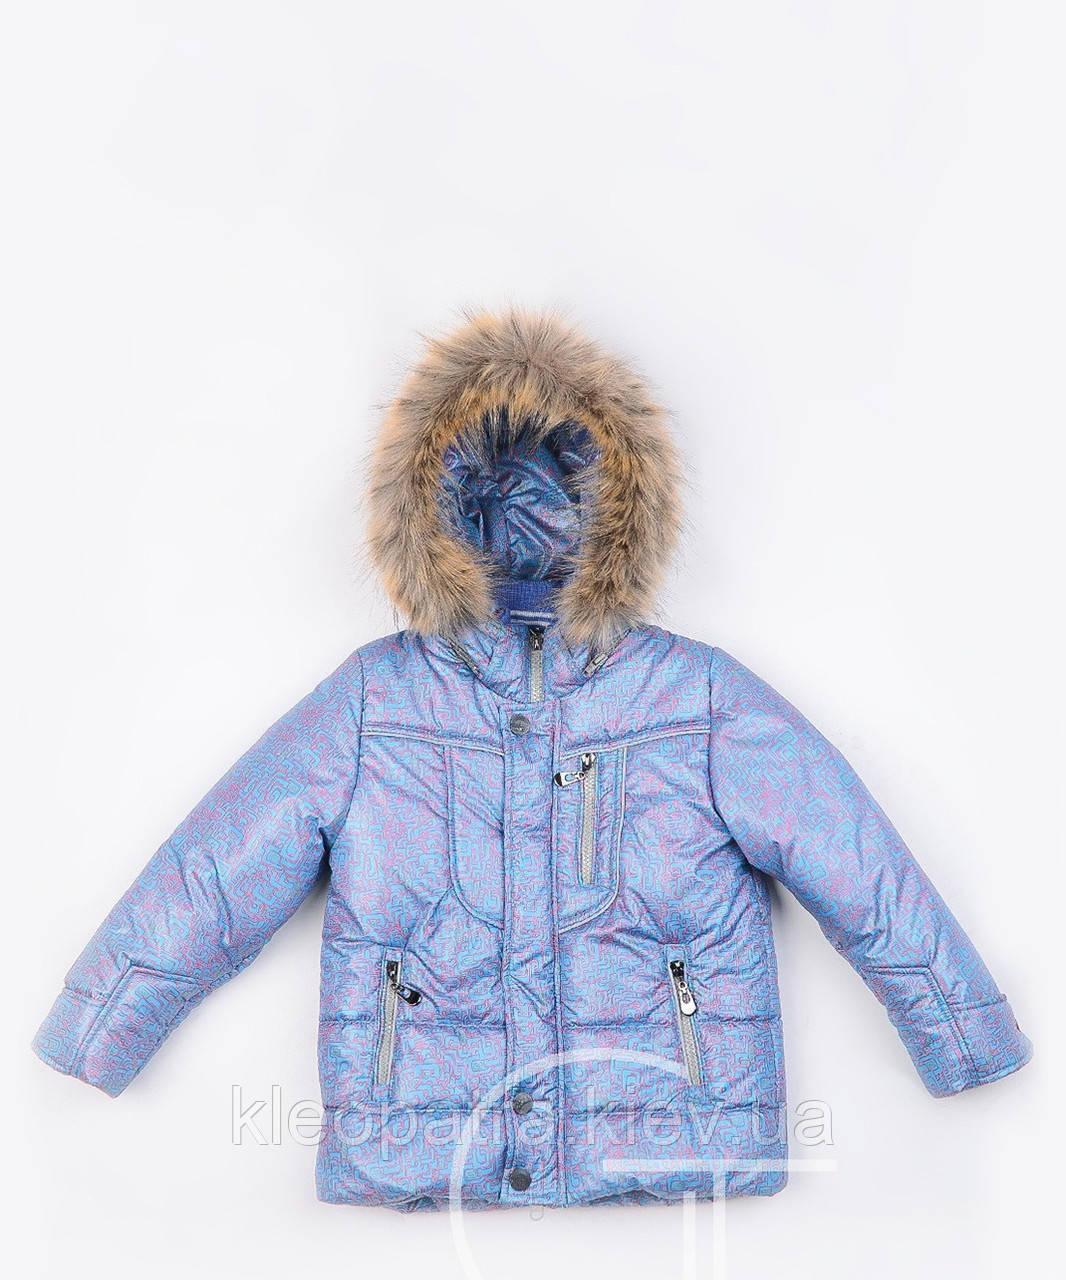 Куртка для мальчика x-woyz FX-1292